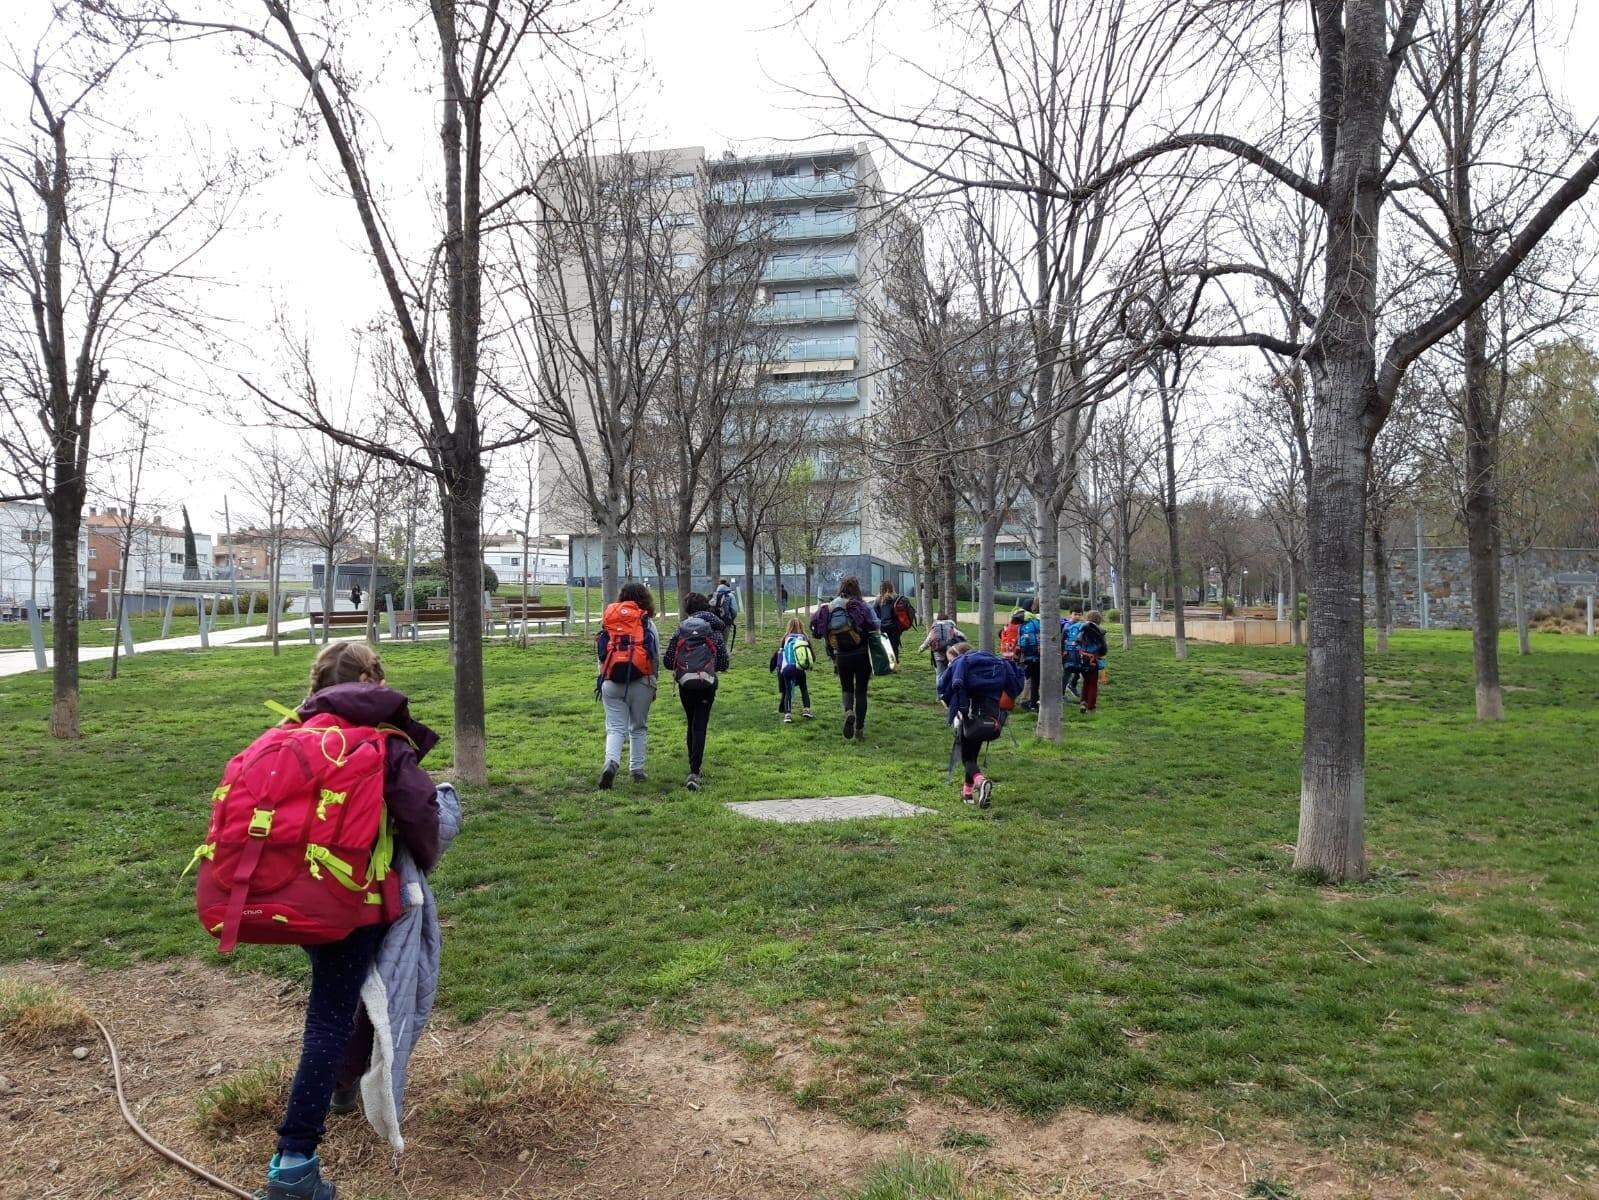 Un grupo de personas en un parque  Descripción generada automáticamente